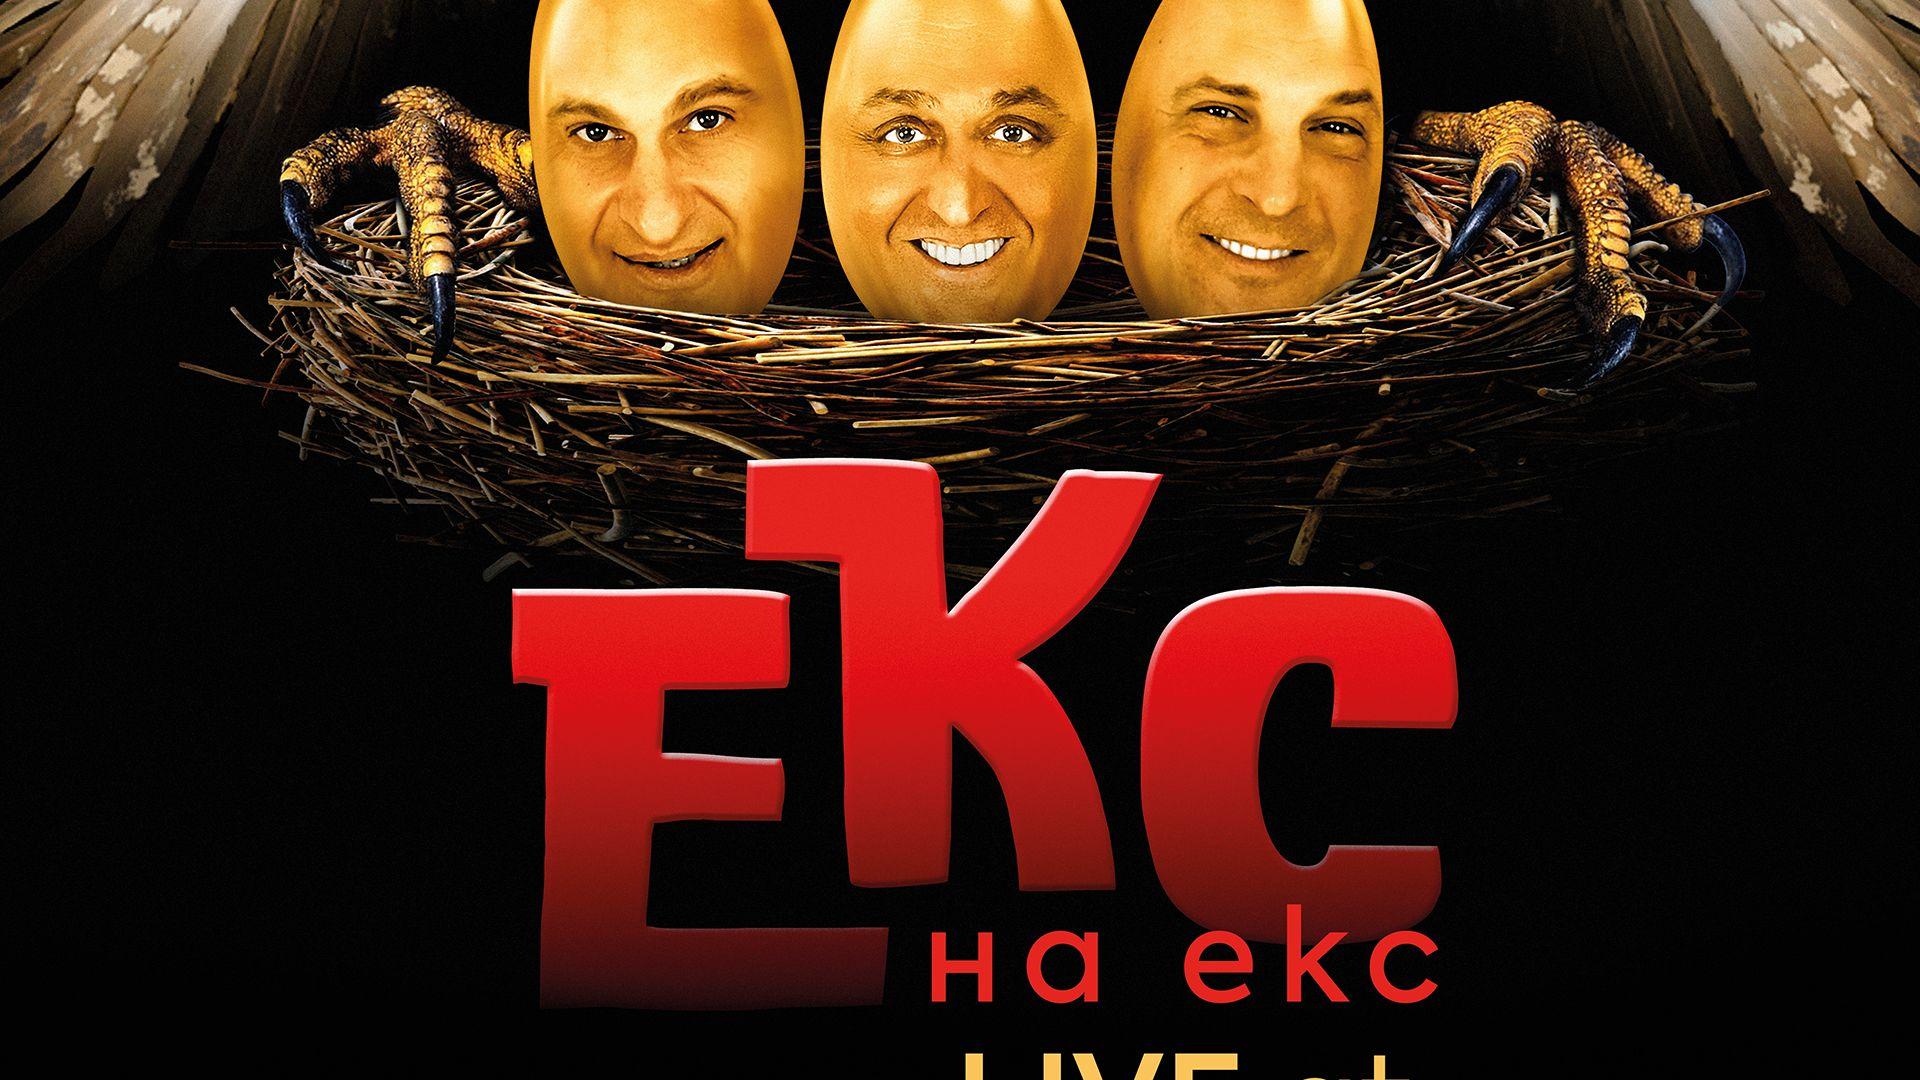 Група ЕКС закрива подобаващо годината с паметен концерт на 28 декември в клуб City Stage